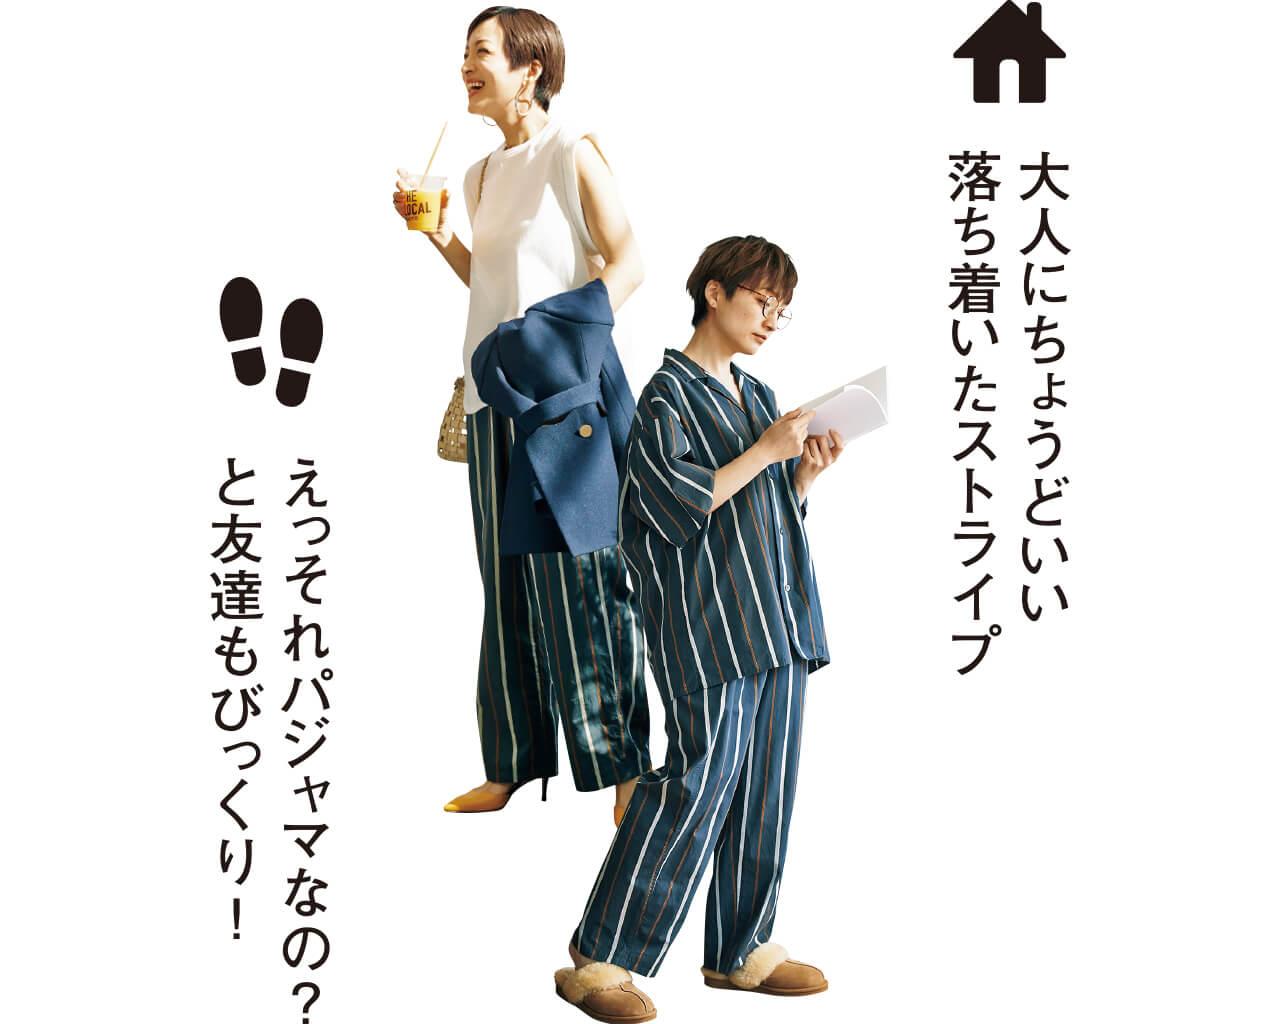 高山都さんと選ぶ外出対応パジャマ03 シャツ¥18700・パンツ¥18700/アルファ PR(ルーマー)